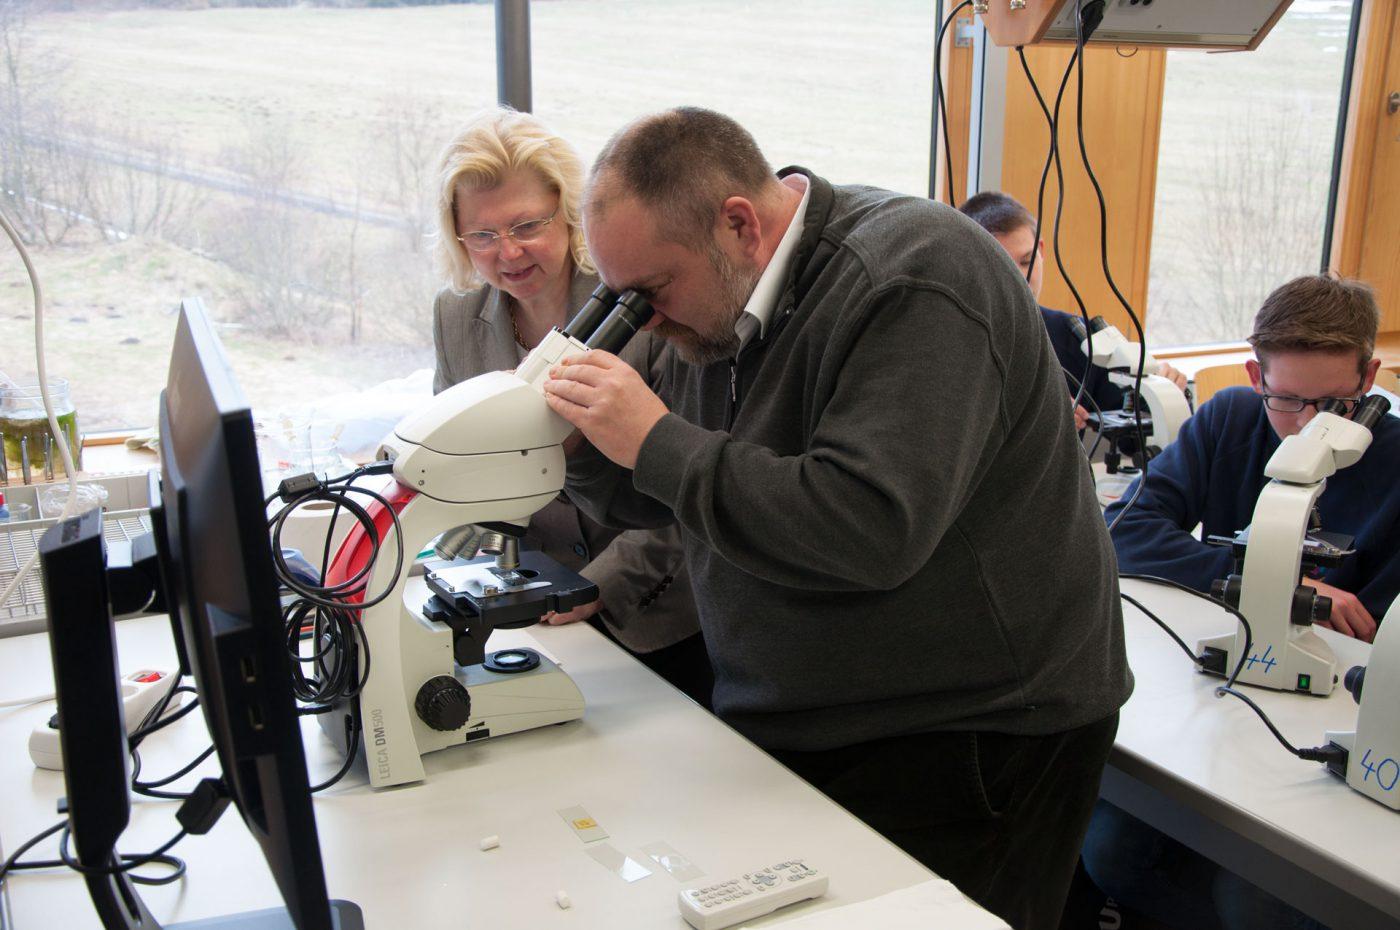 Neue mikroskope in der biologie u2013 evangelisches gymnasium bad marienberg